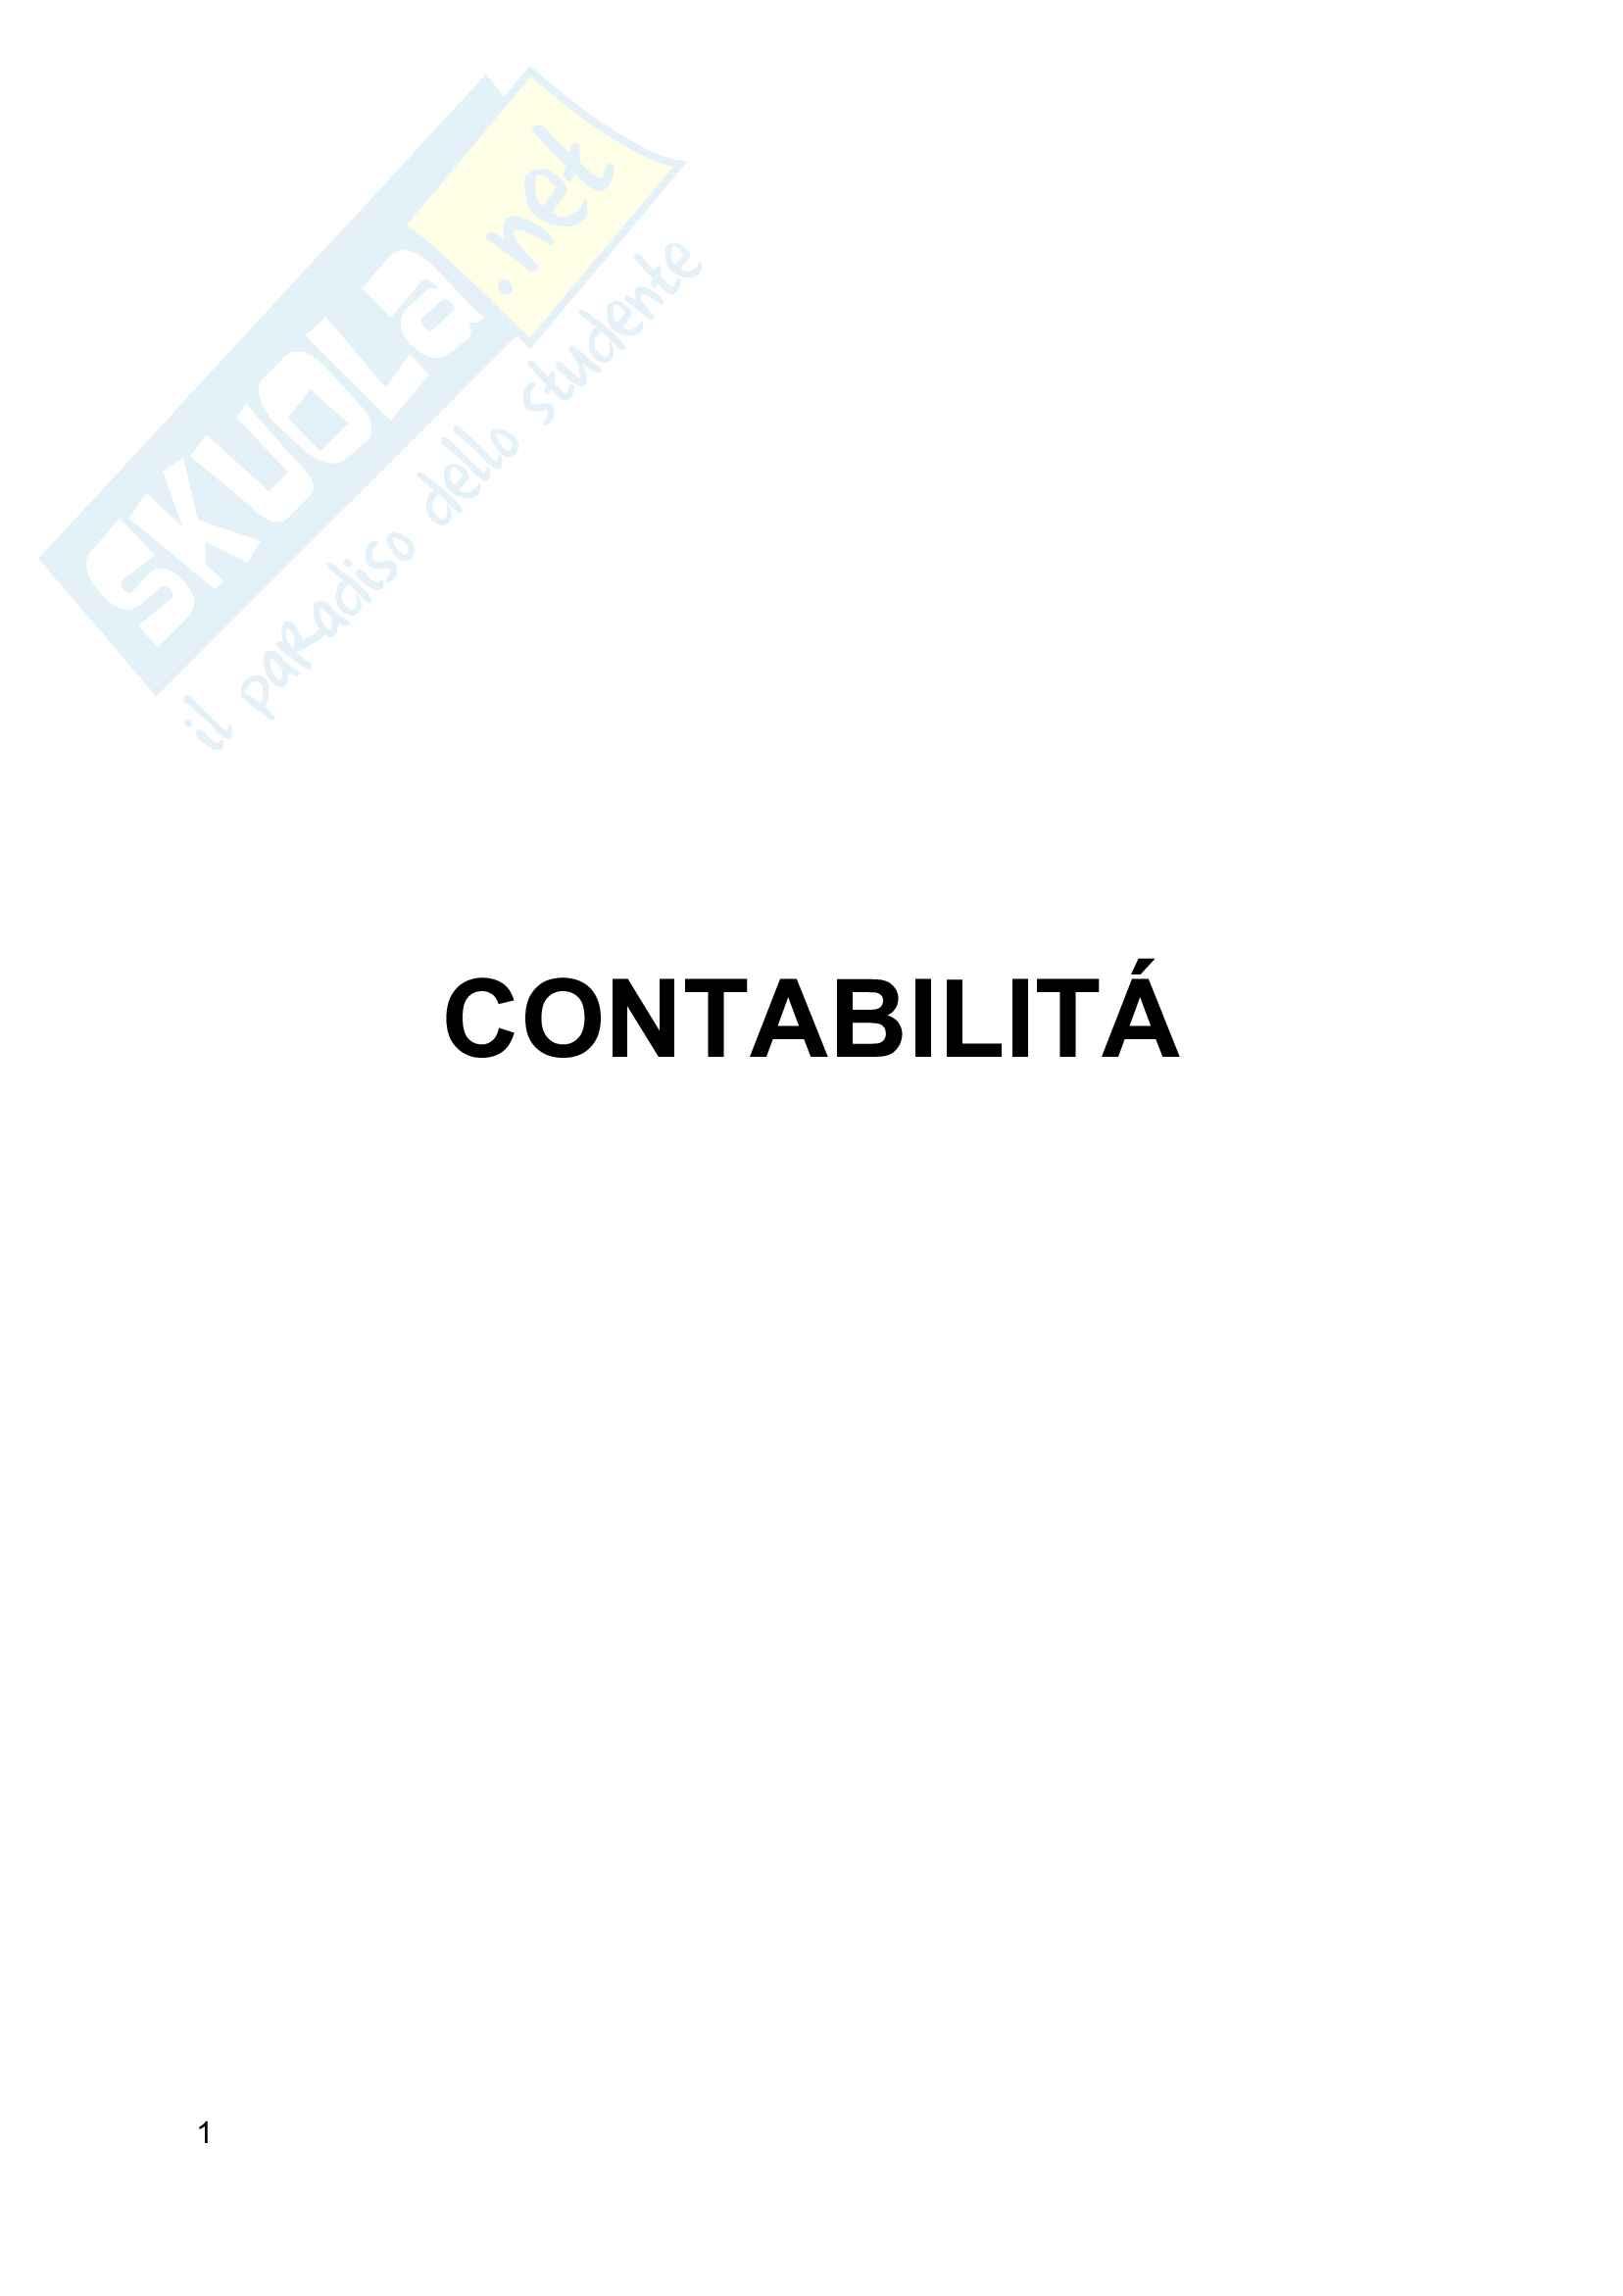 Contabilità completa